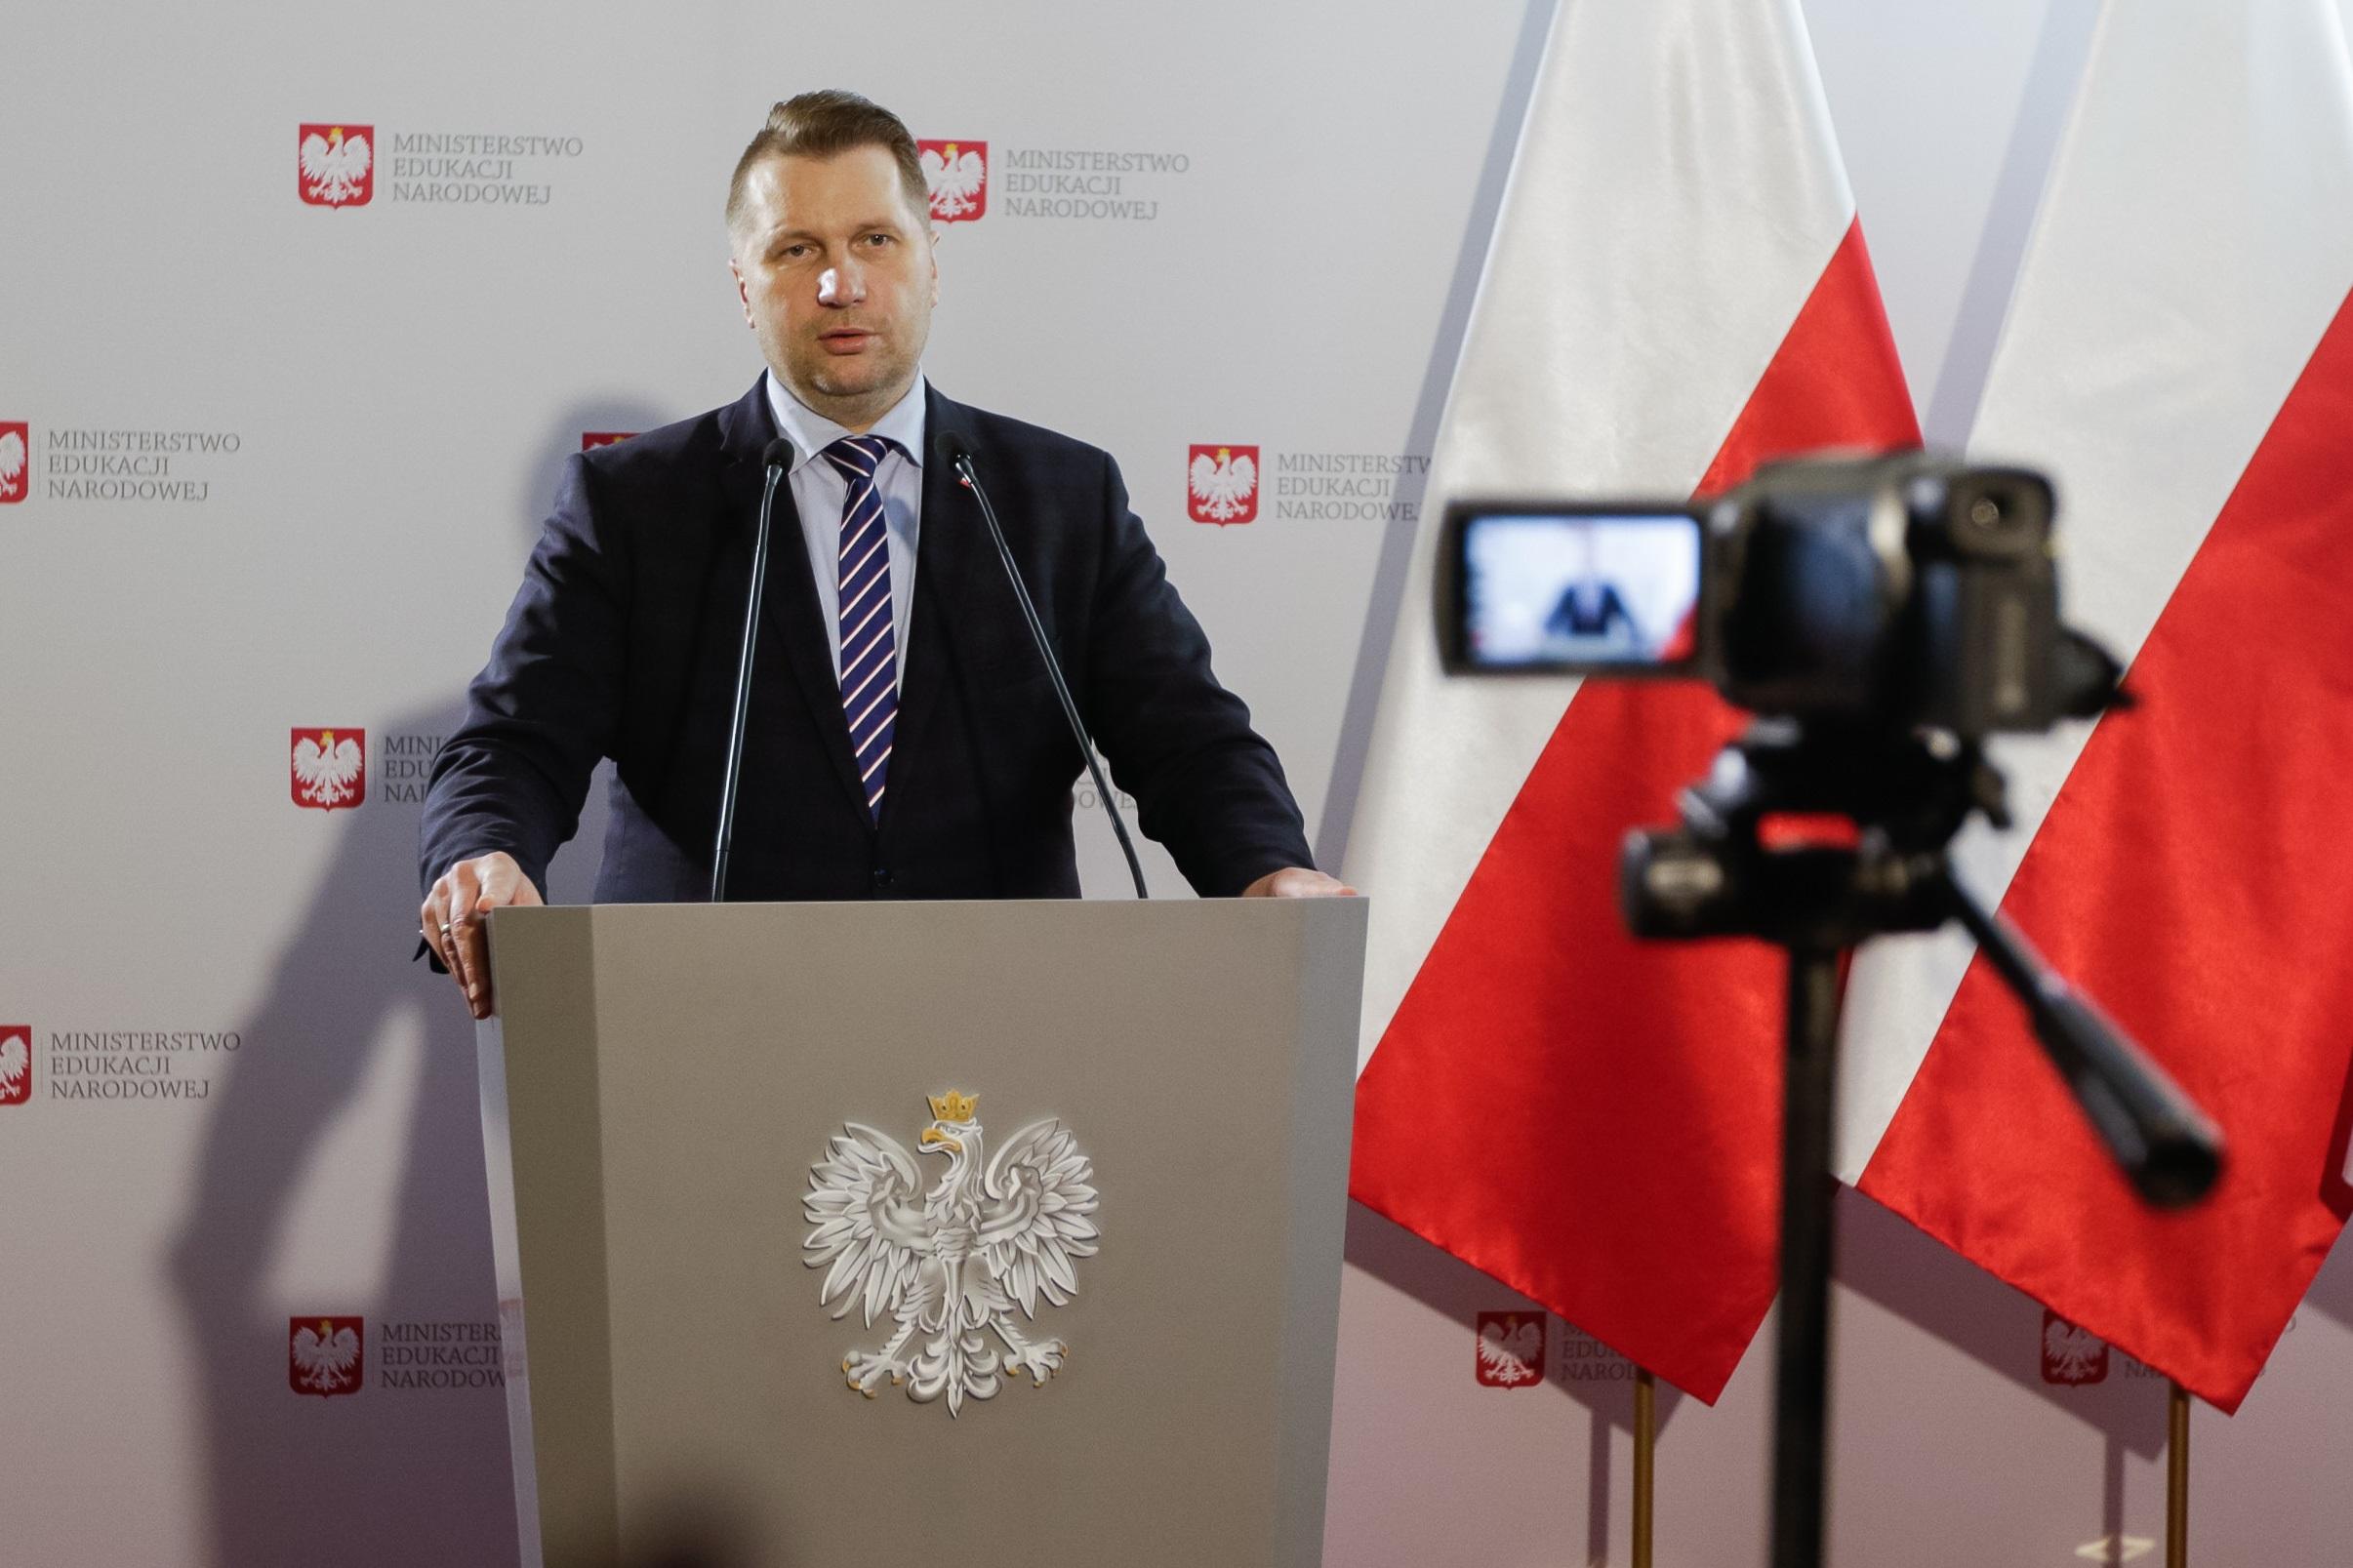 przemysław czarnek men - Ministerstwo Edukacji Narodowej